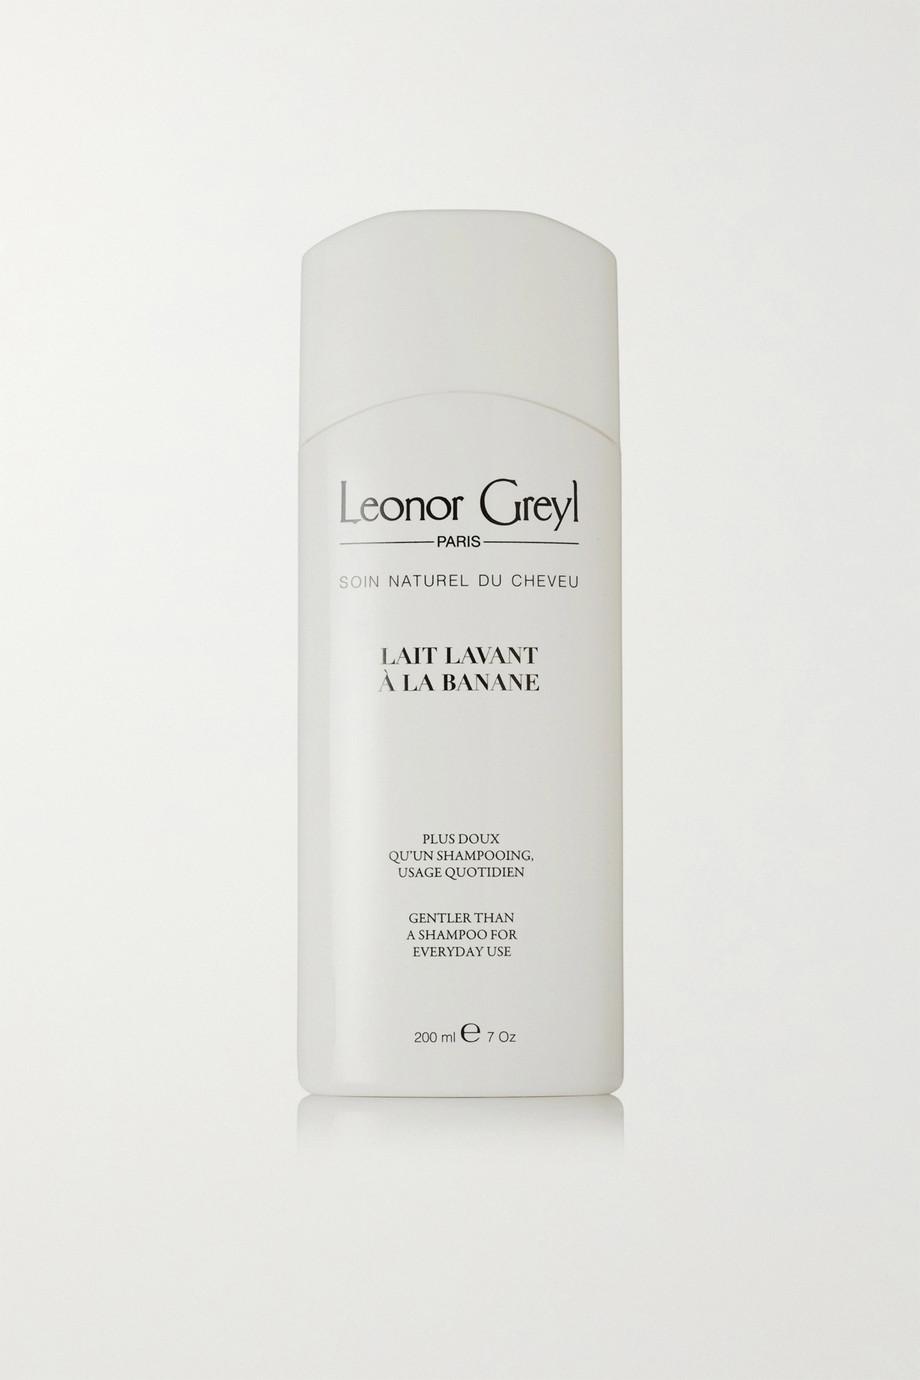 Leonor Greyl Paris Lait Lavant A La Banane, 200 ml – Shampoo